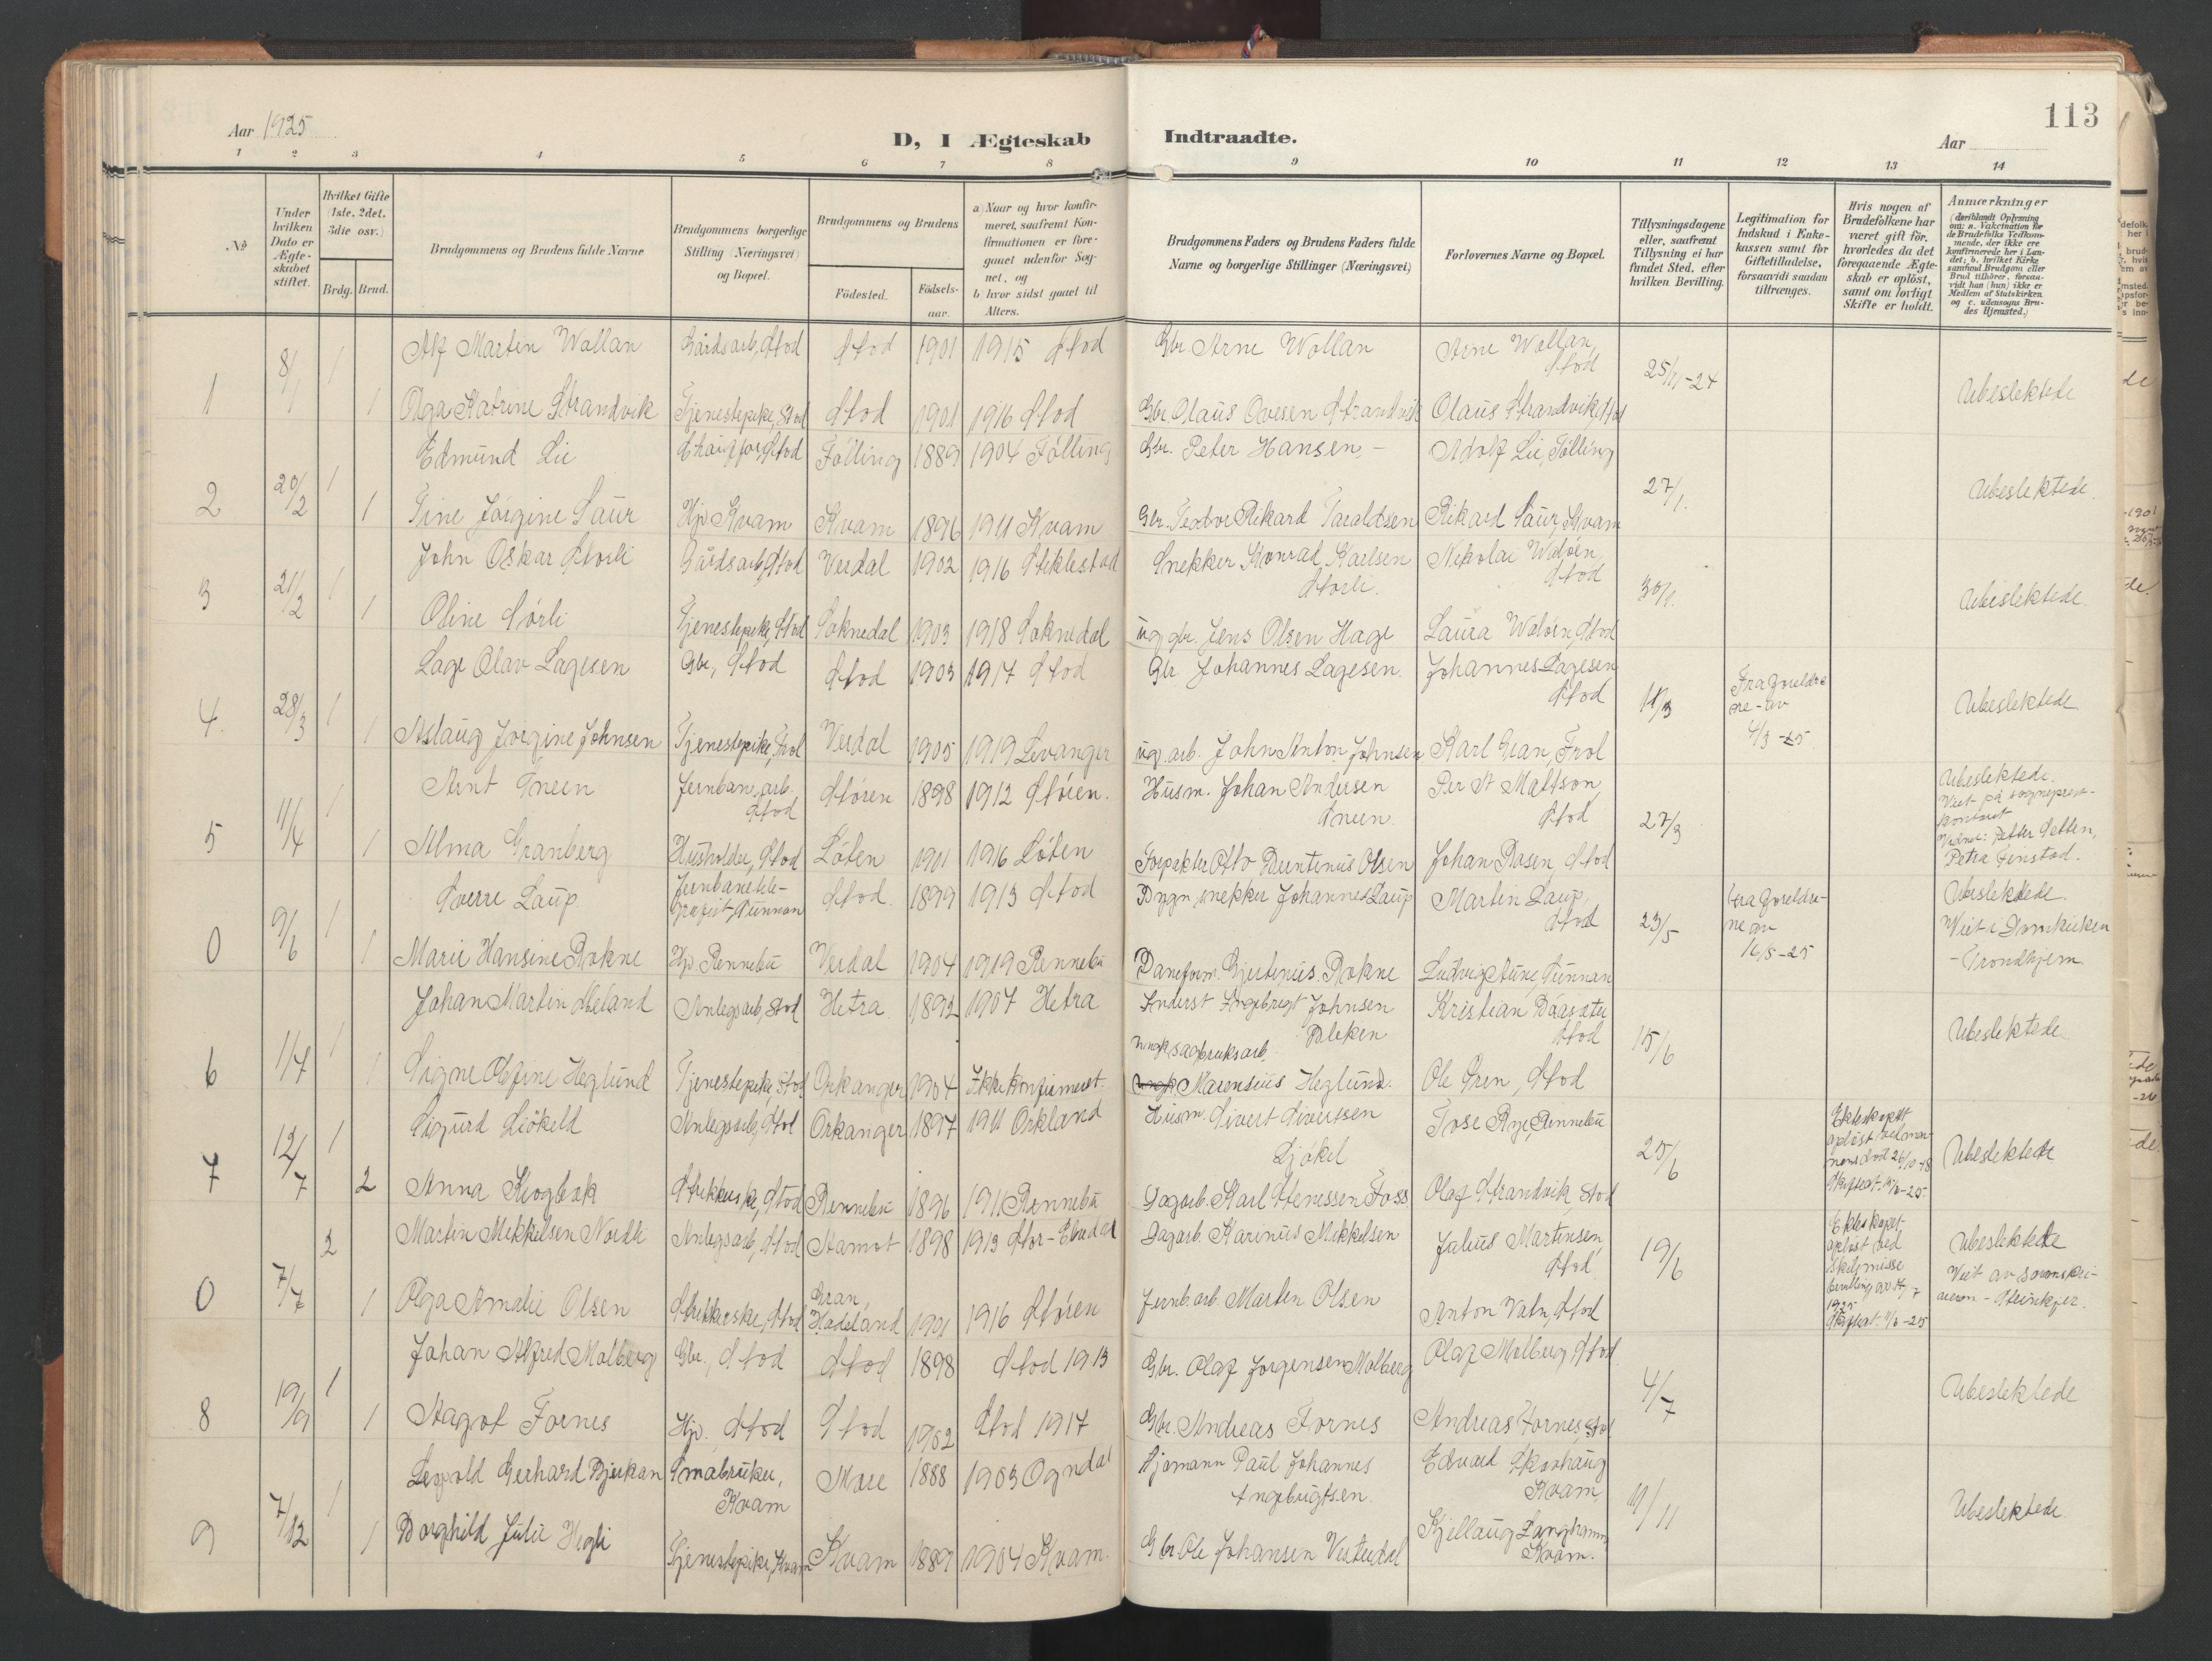 SAT, Ministerialprotokoller, klokkerbøker og fødselsregistre - Nord-Trøndelag, 746/L0455: Klokkerbok nr. 746C01, 1908-1933, s. 113